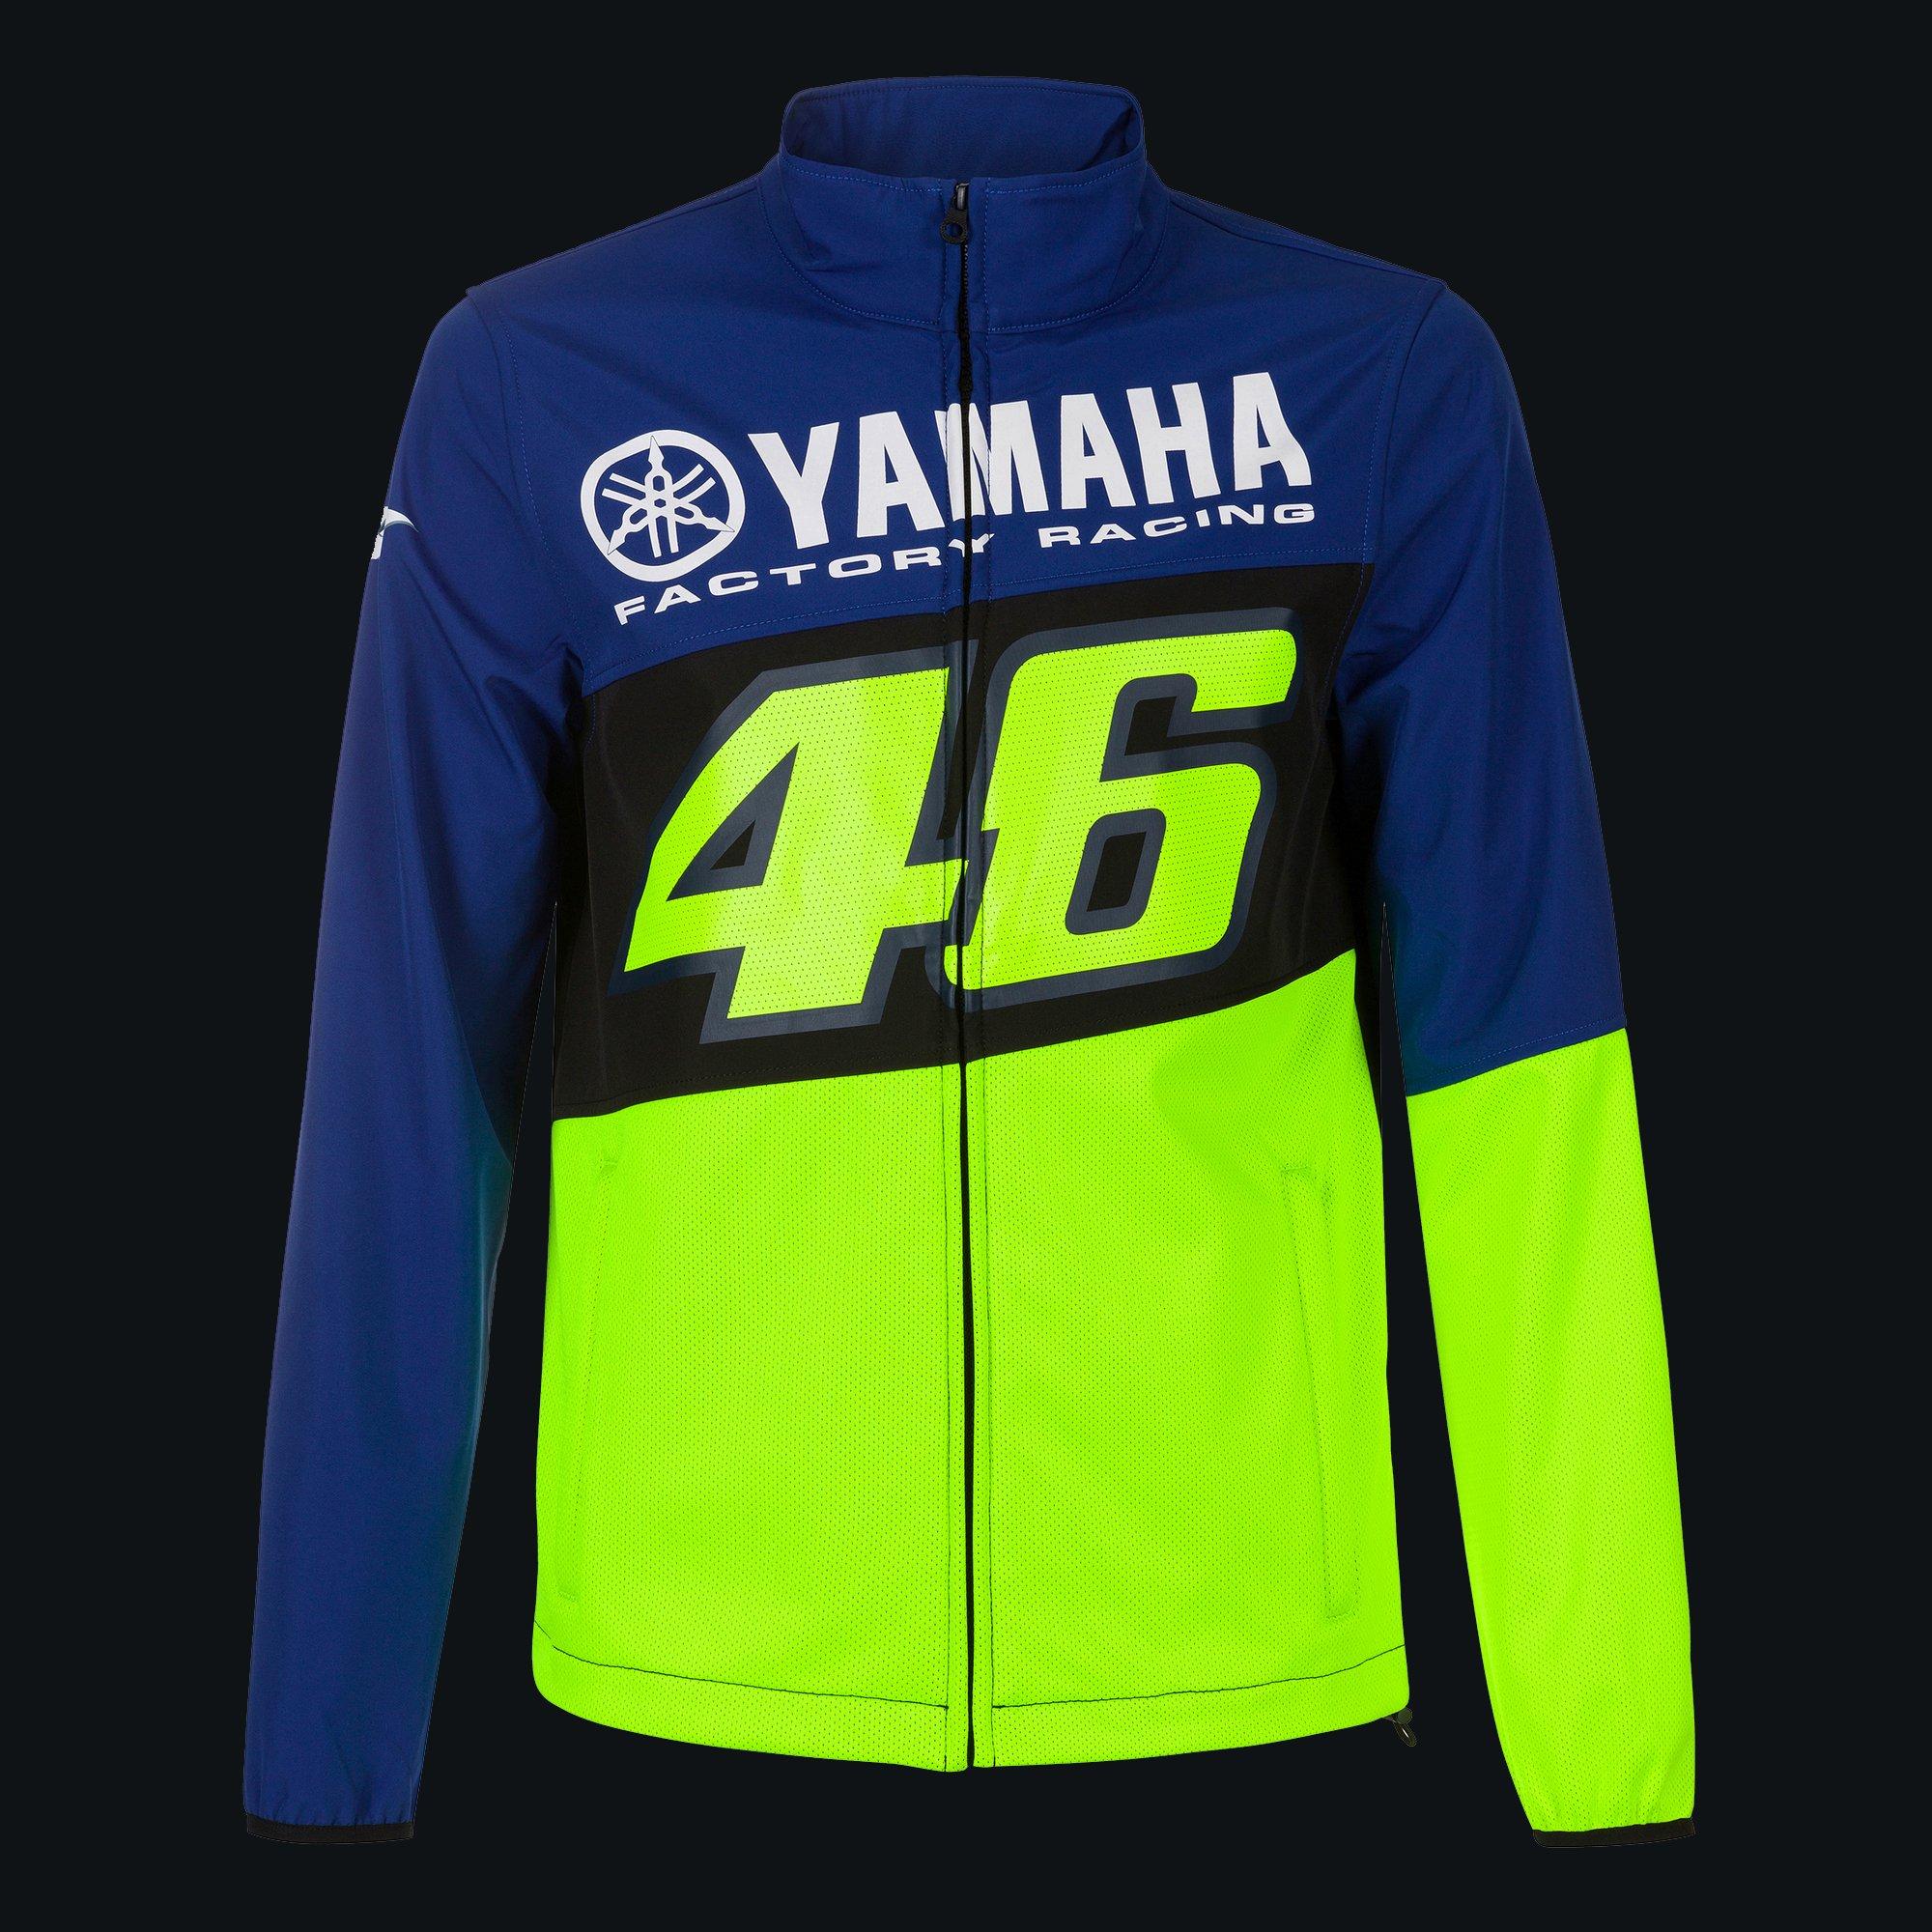 Yamaha VR46 jacket